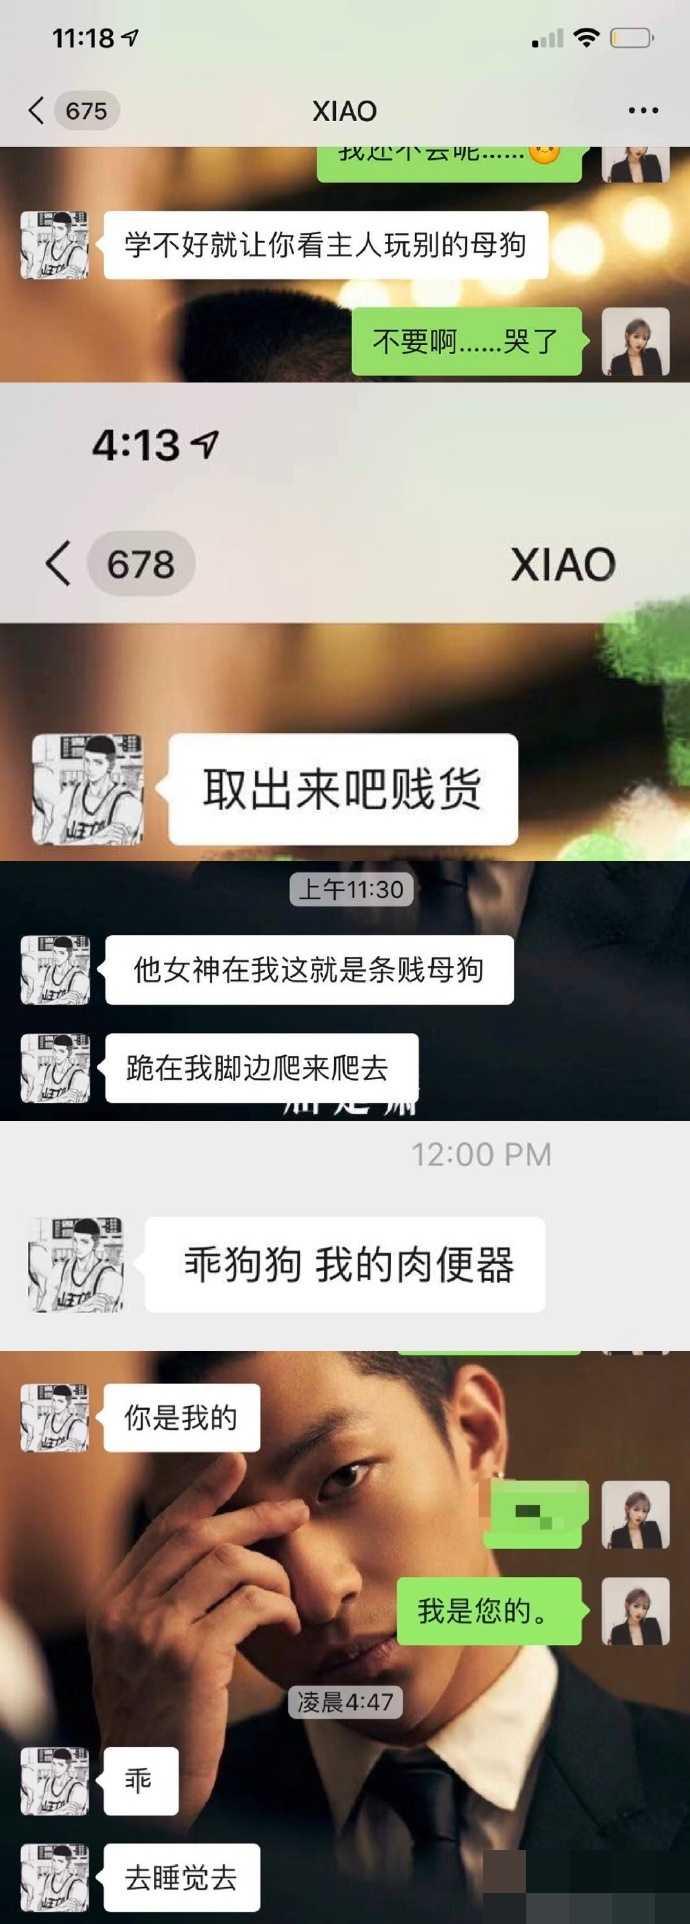 屈楚蕭和前女友的對話記錄。(圖/微博)